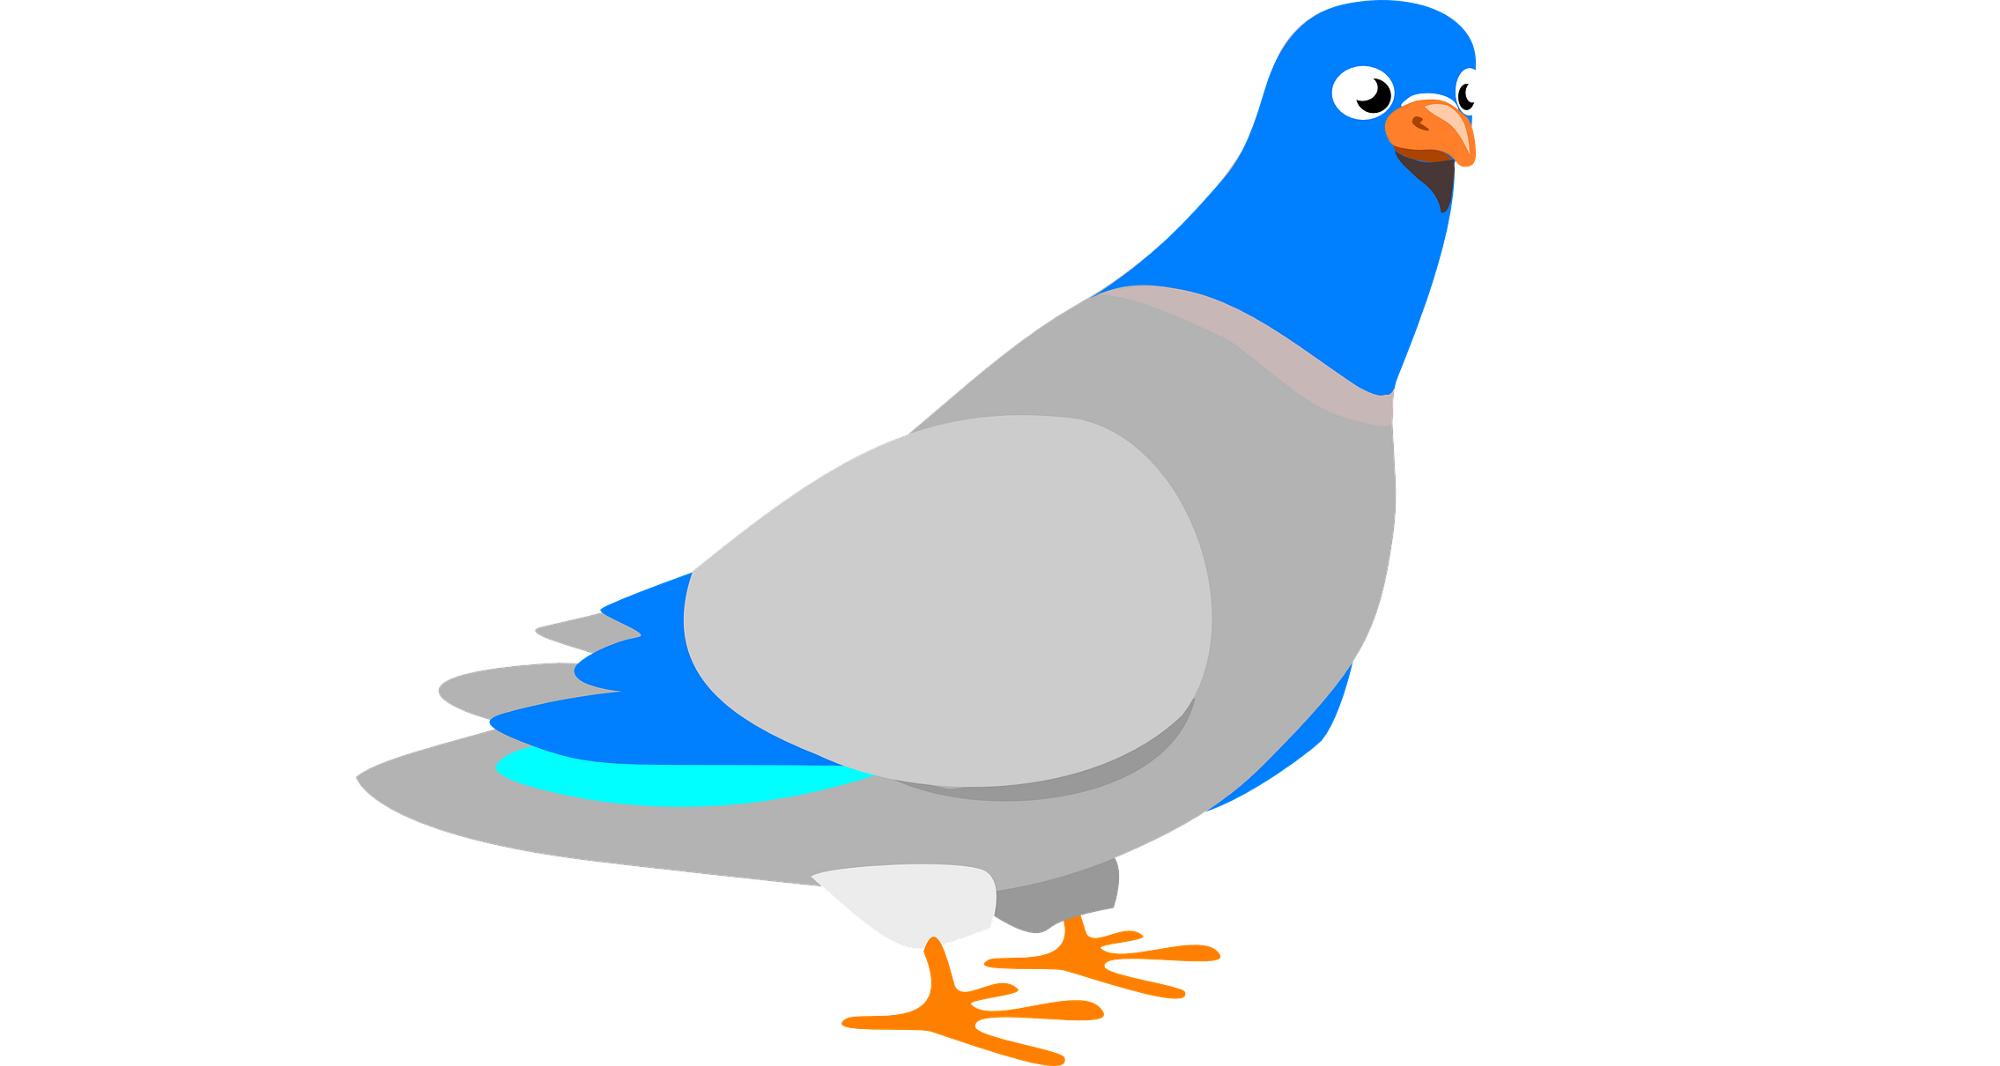 آشنایی با HTTPS به زبان ساده به روش کبوتر نامه بر